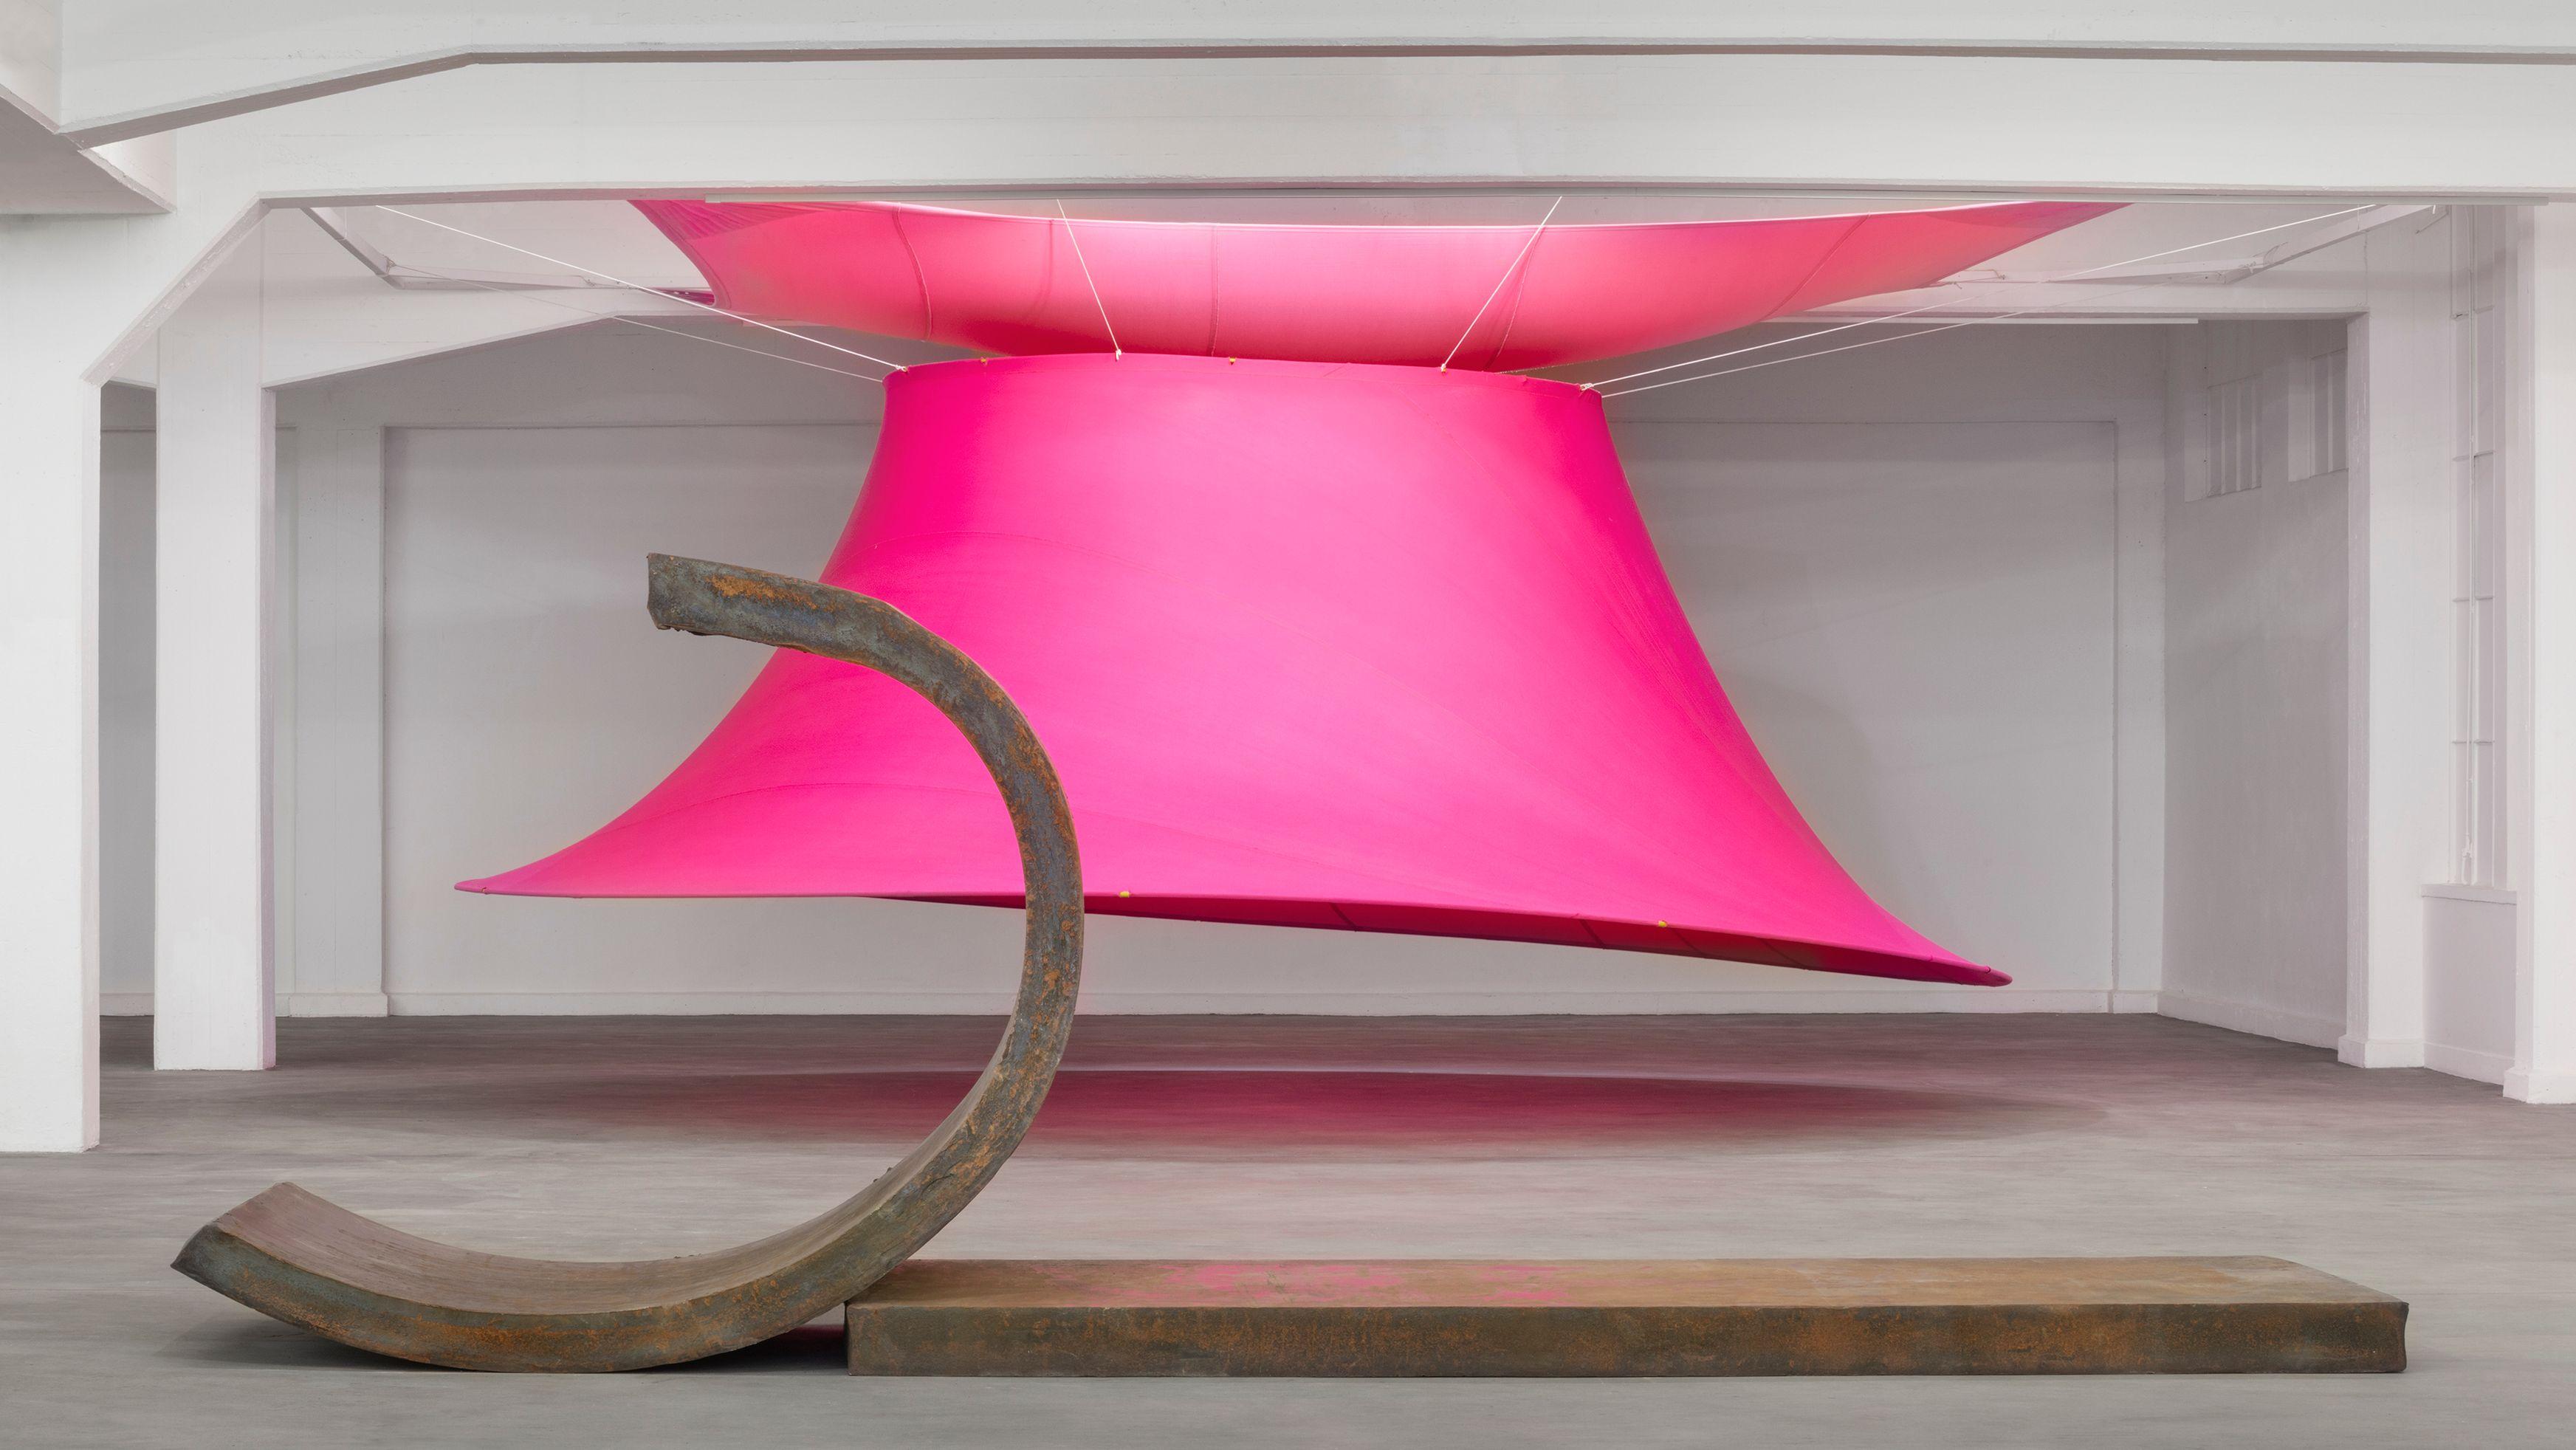 Foto eines Ausstellungsraums, in dem ein großes glockenartiges, nach unten offenes leuchtend pinkes Zelt hinter einer schweren, aber elegant geformten Stahlskulptur hängt.